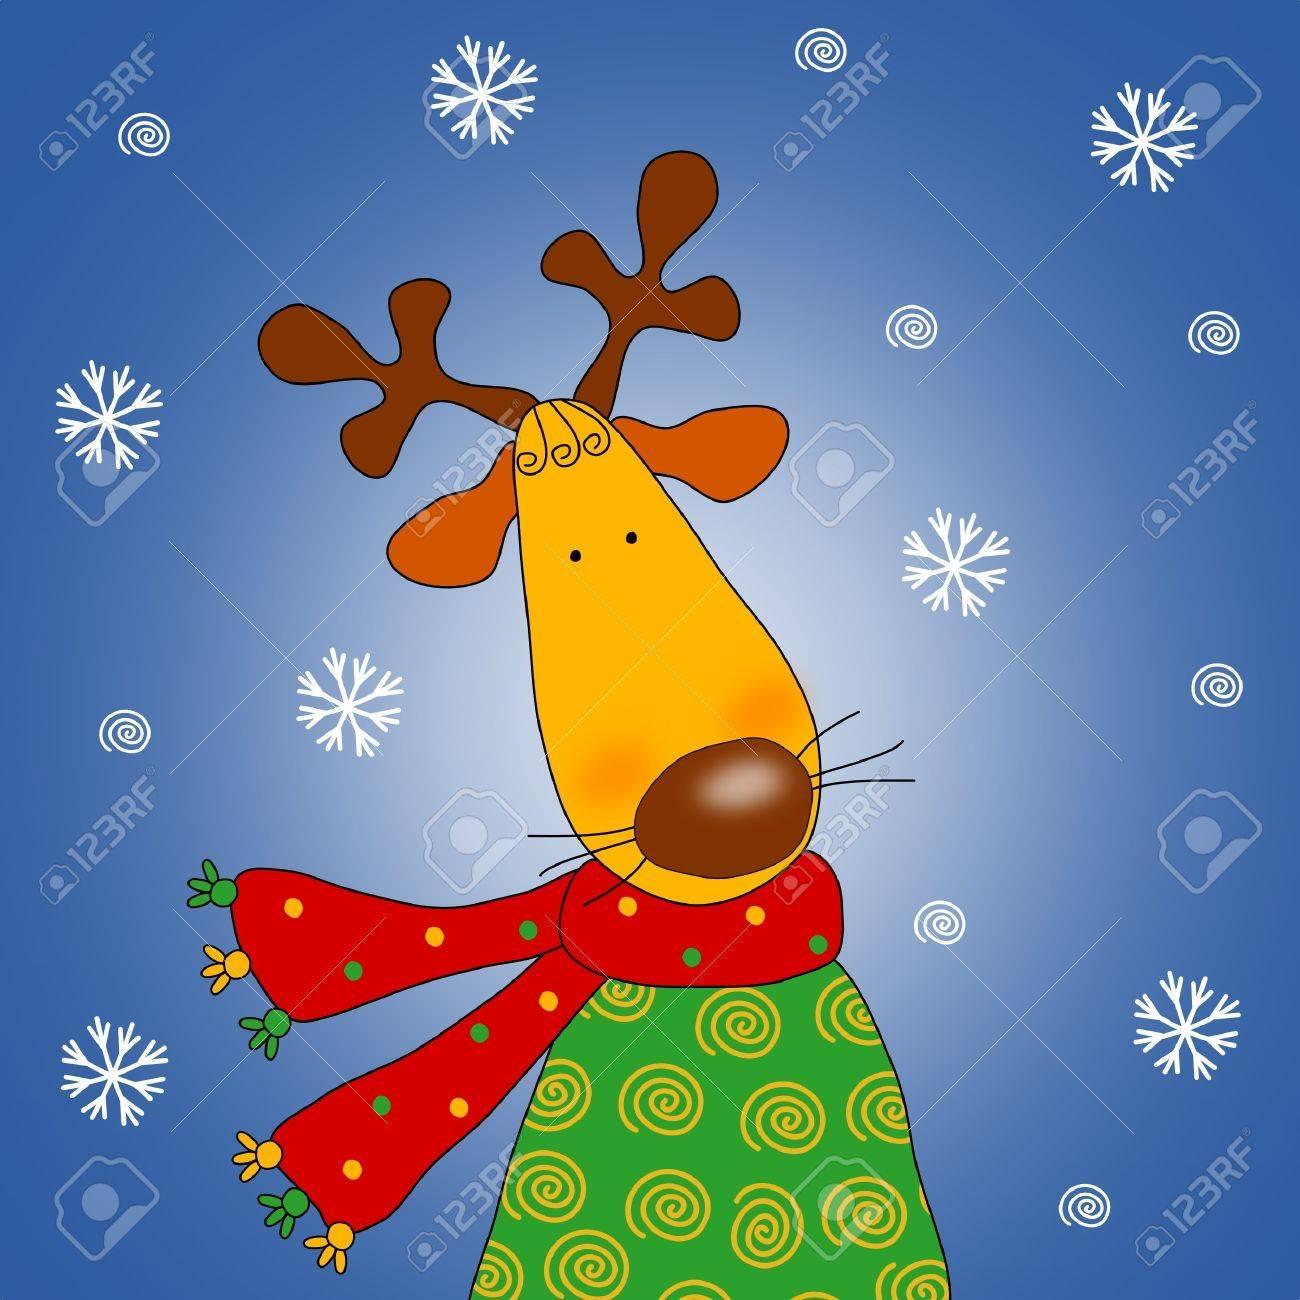 Reindeer - Cartoon character Stock Photo - 9747959